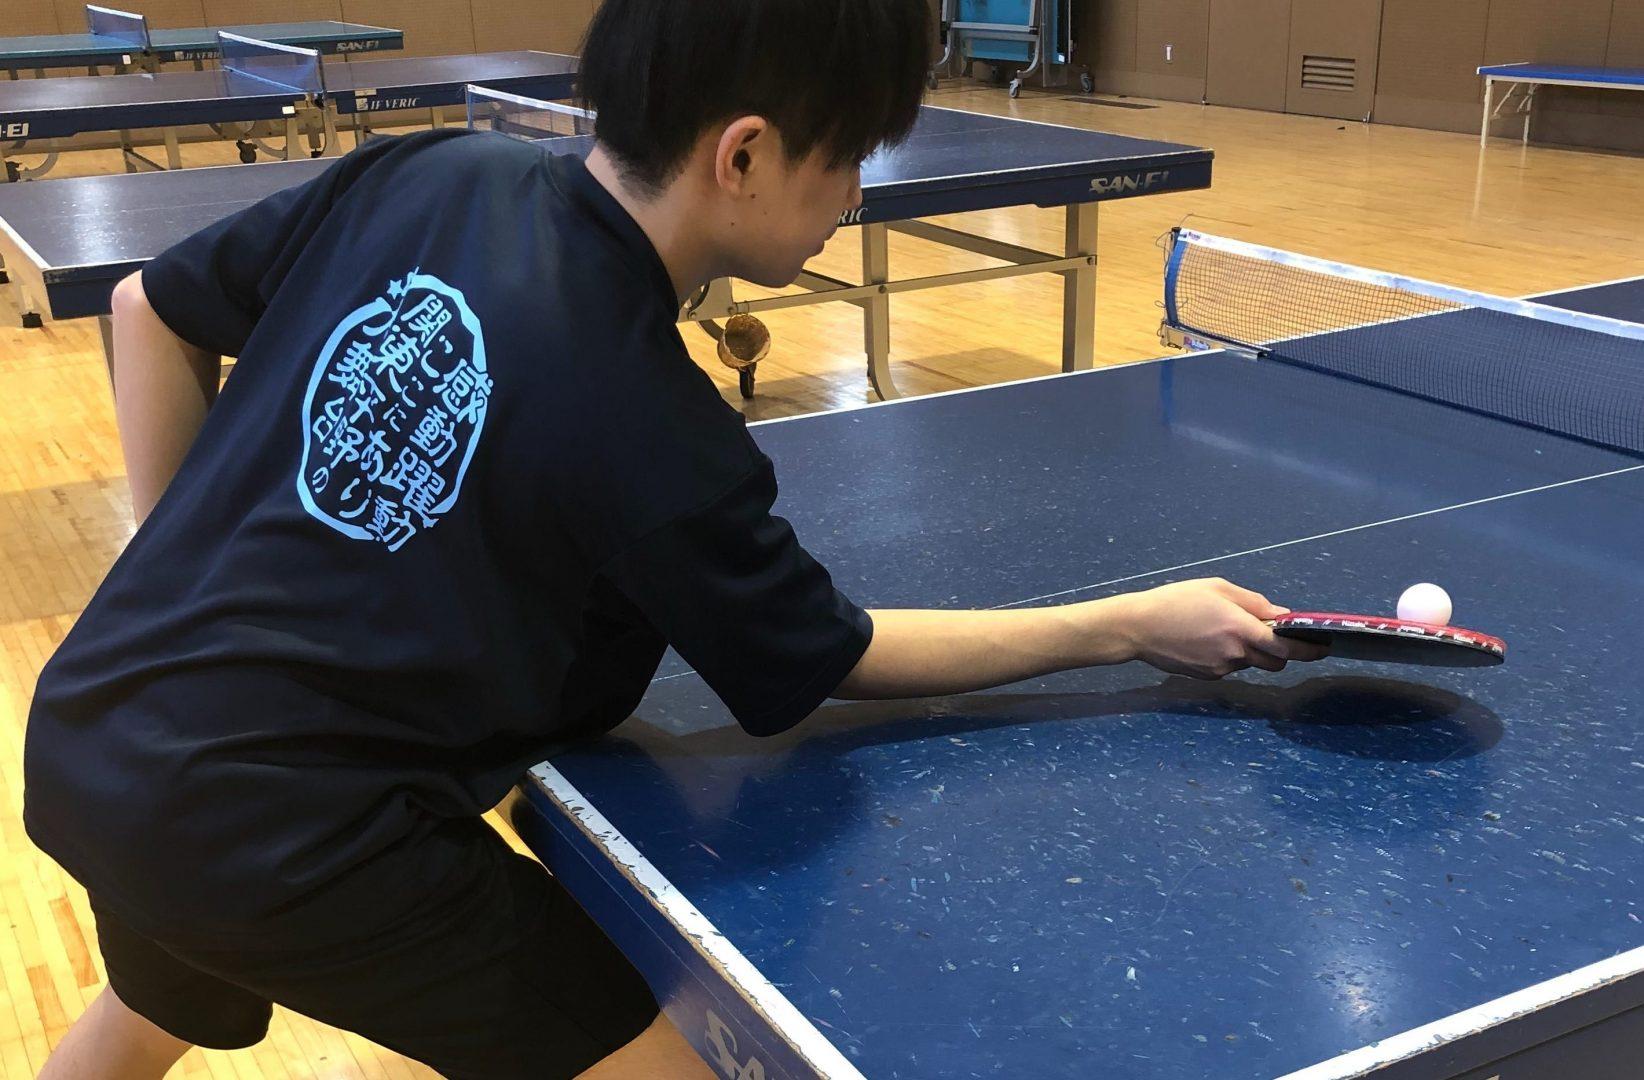 【卓球】ストップのコツ やり方やメリット・デメリットを徹底解説|卓球基本技術レッスン